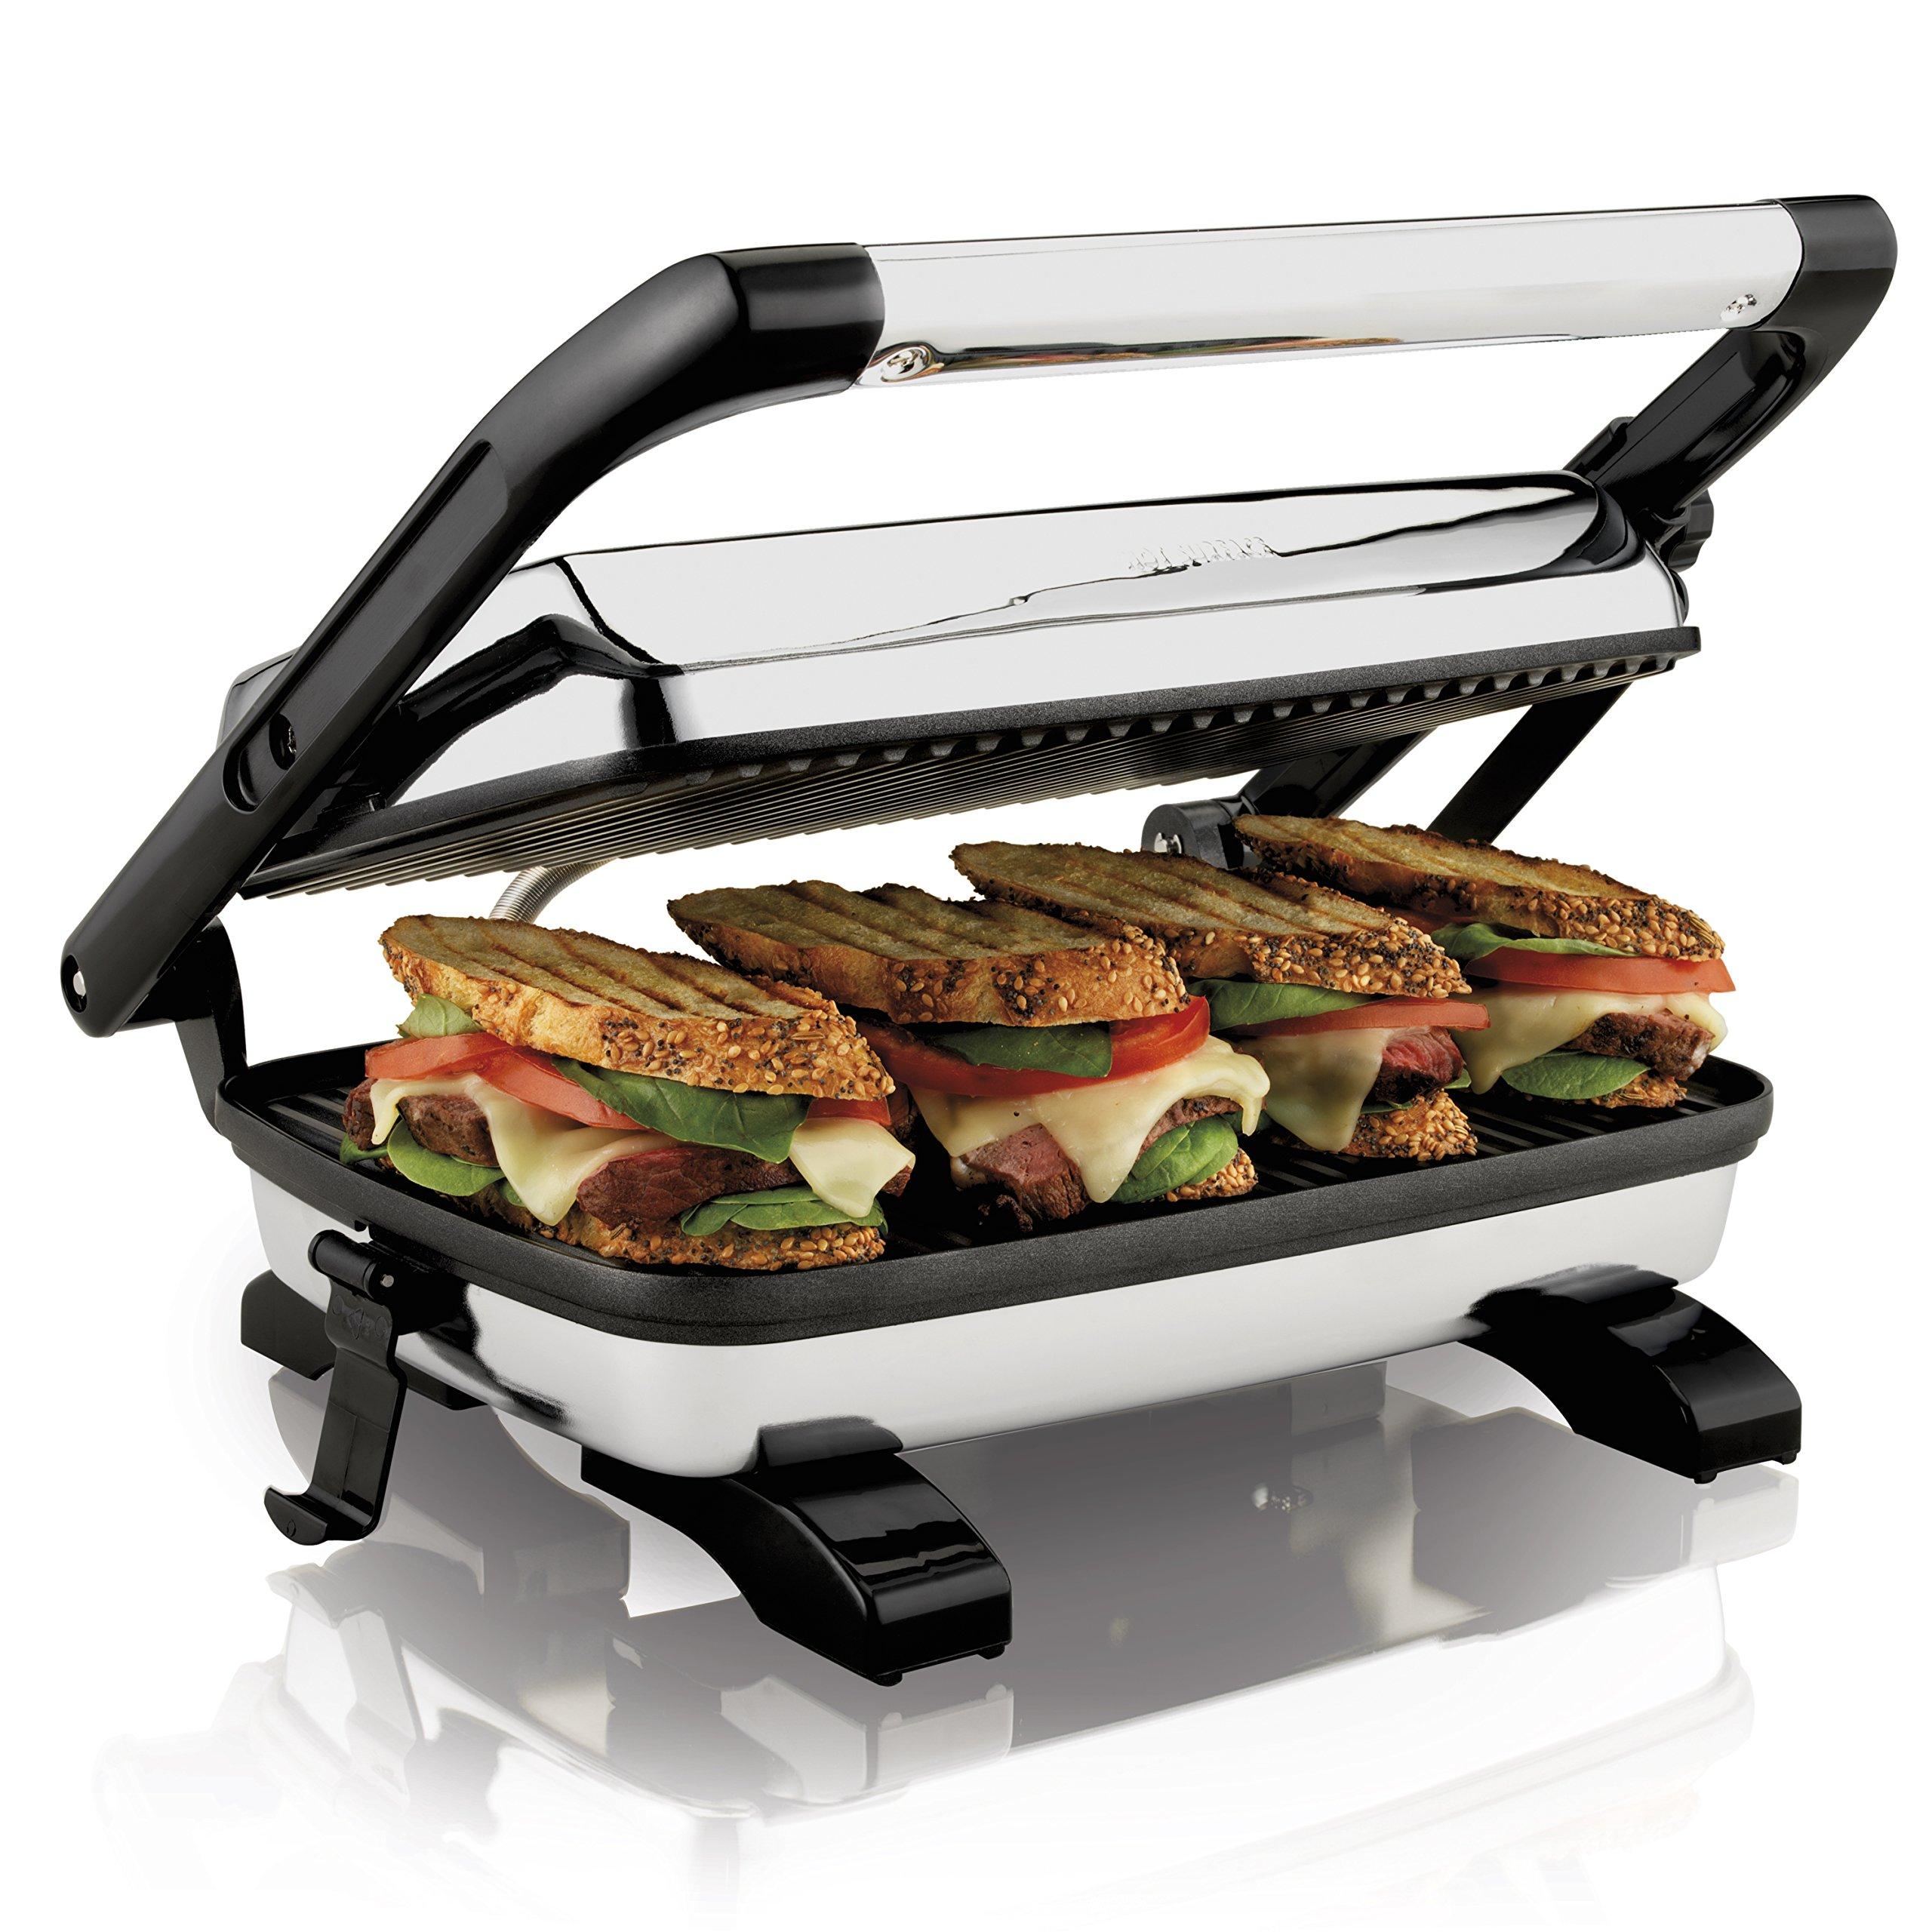 Proctor Silex 25453A Panini Press Gourmet Sandwich Maker